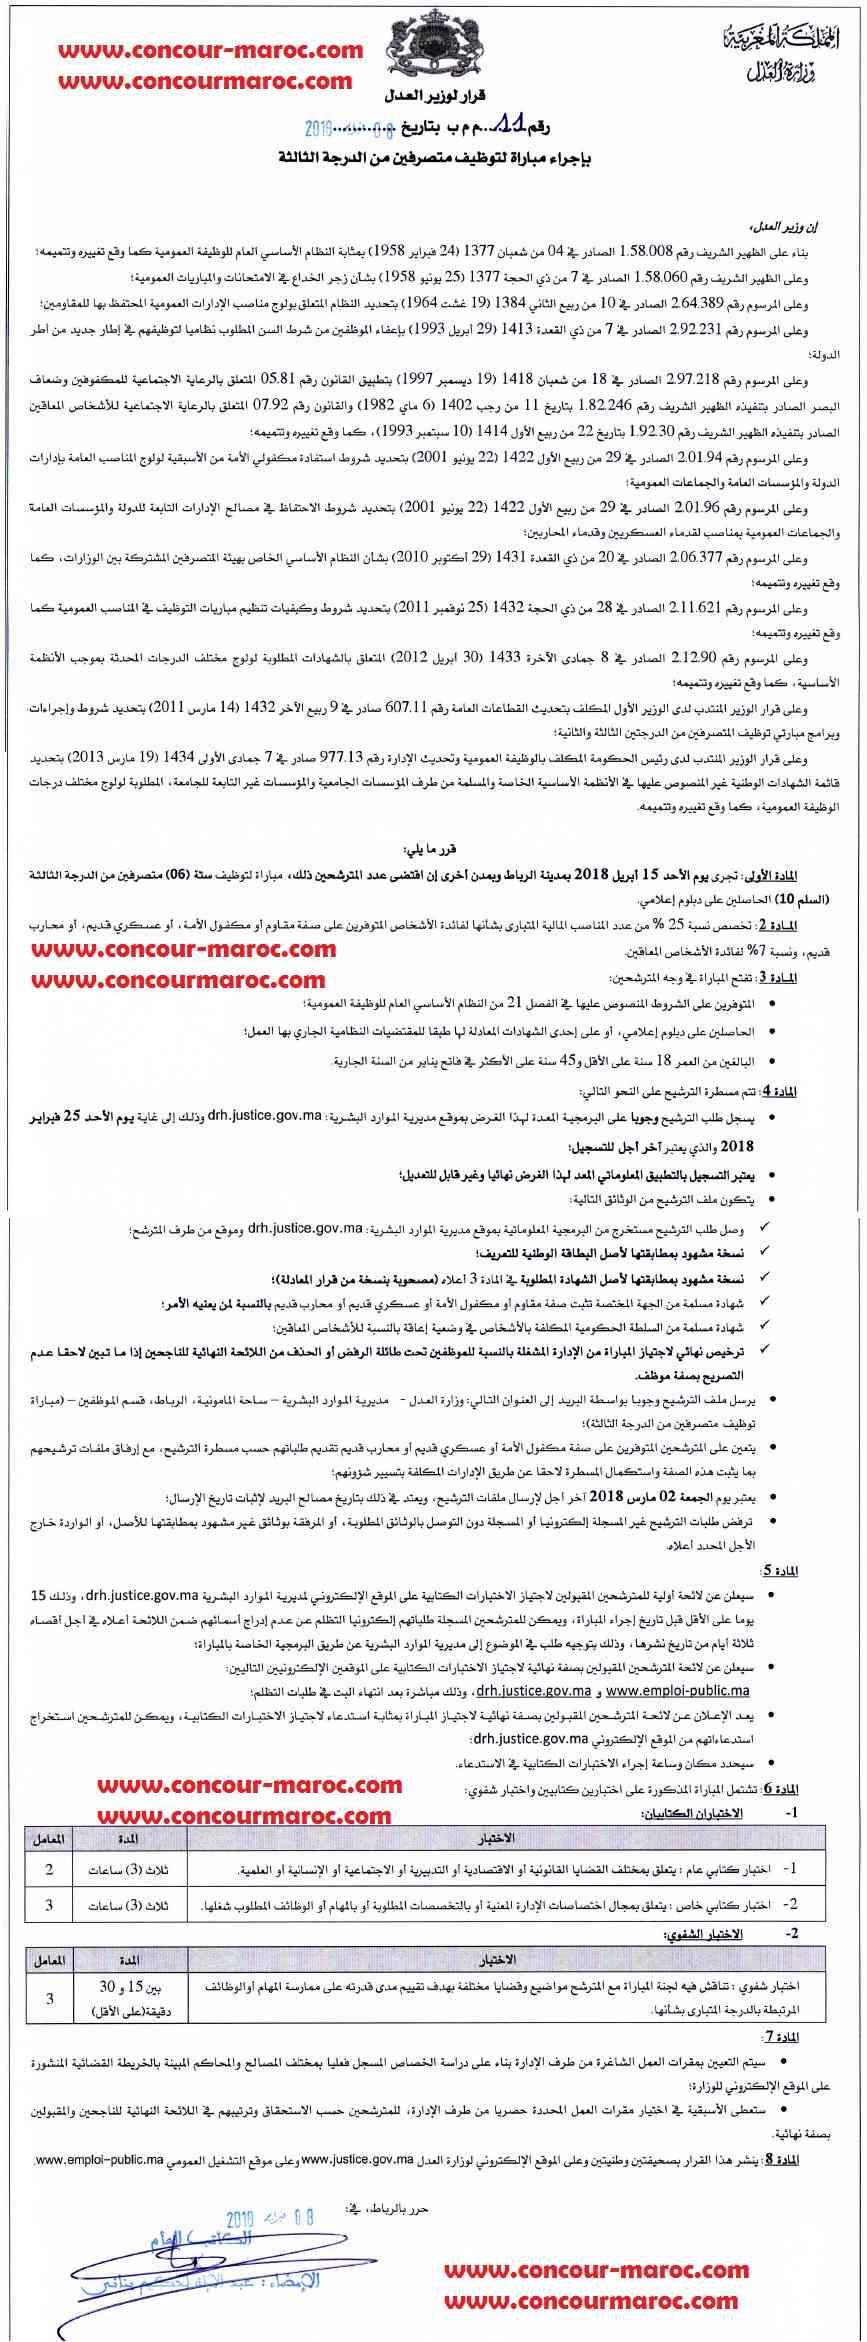 وزارة العدل : مباراة لتوظيف 06 متصرف من الدرجة الثالثة و 27 مهندس دولة من الدرجة الأولى آخر أجل للتسجيل الإلكتروني 25 فبراير 2018  Minist20